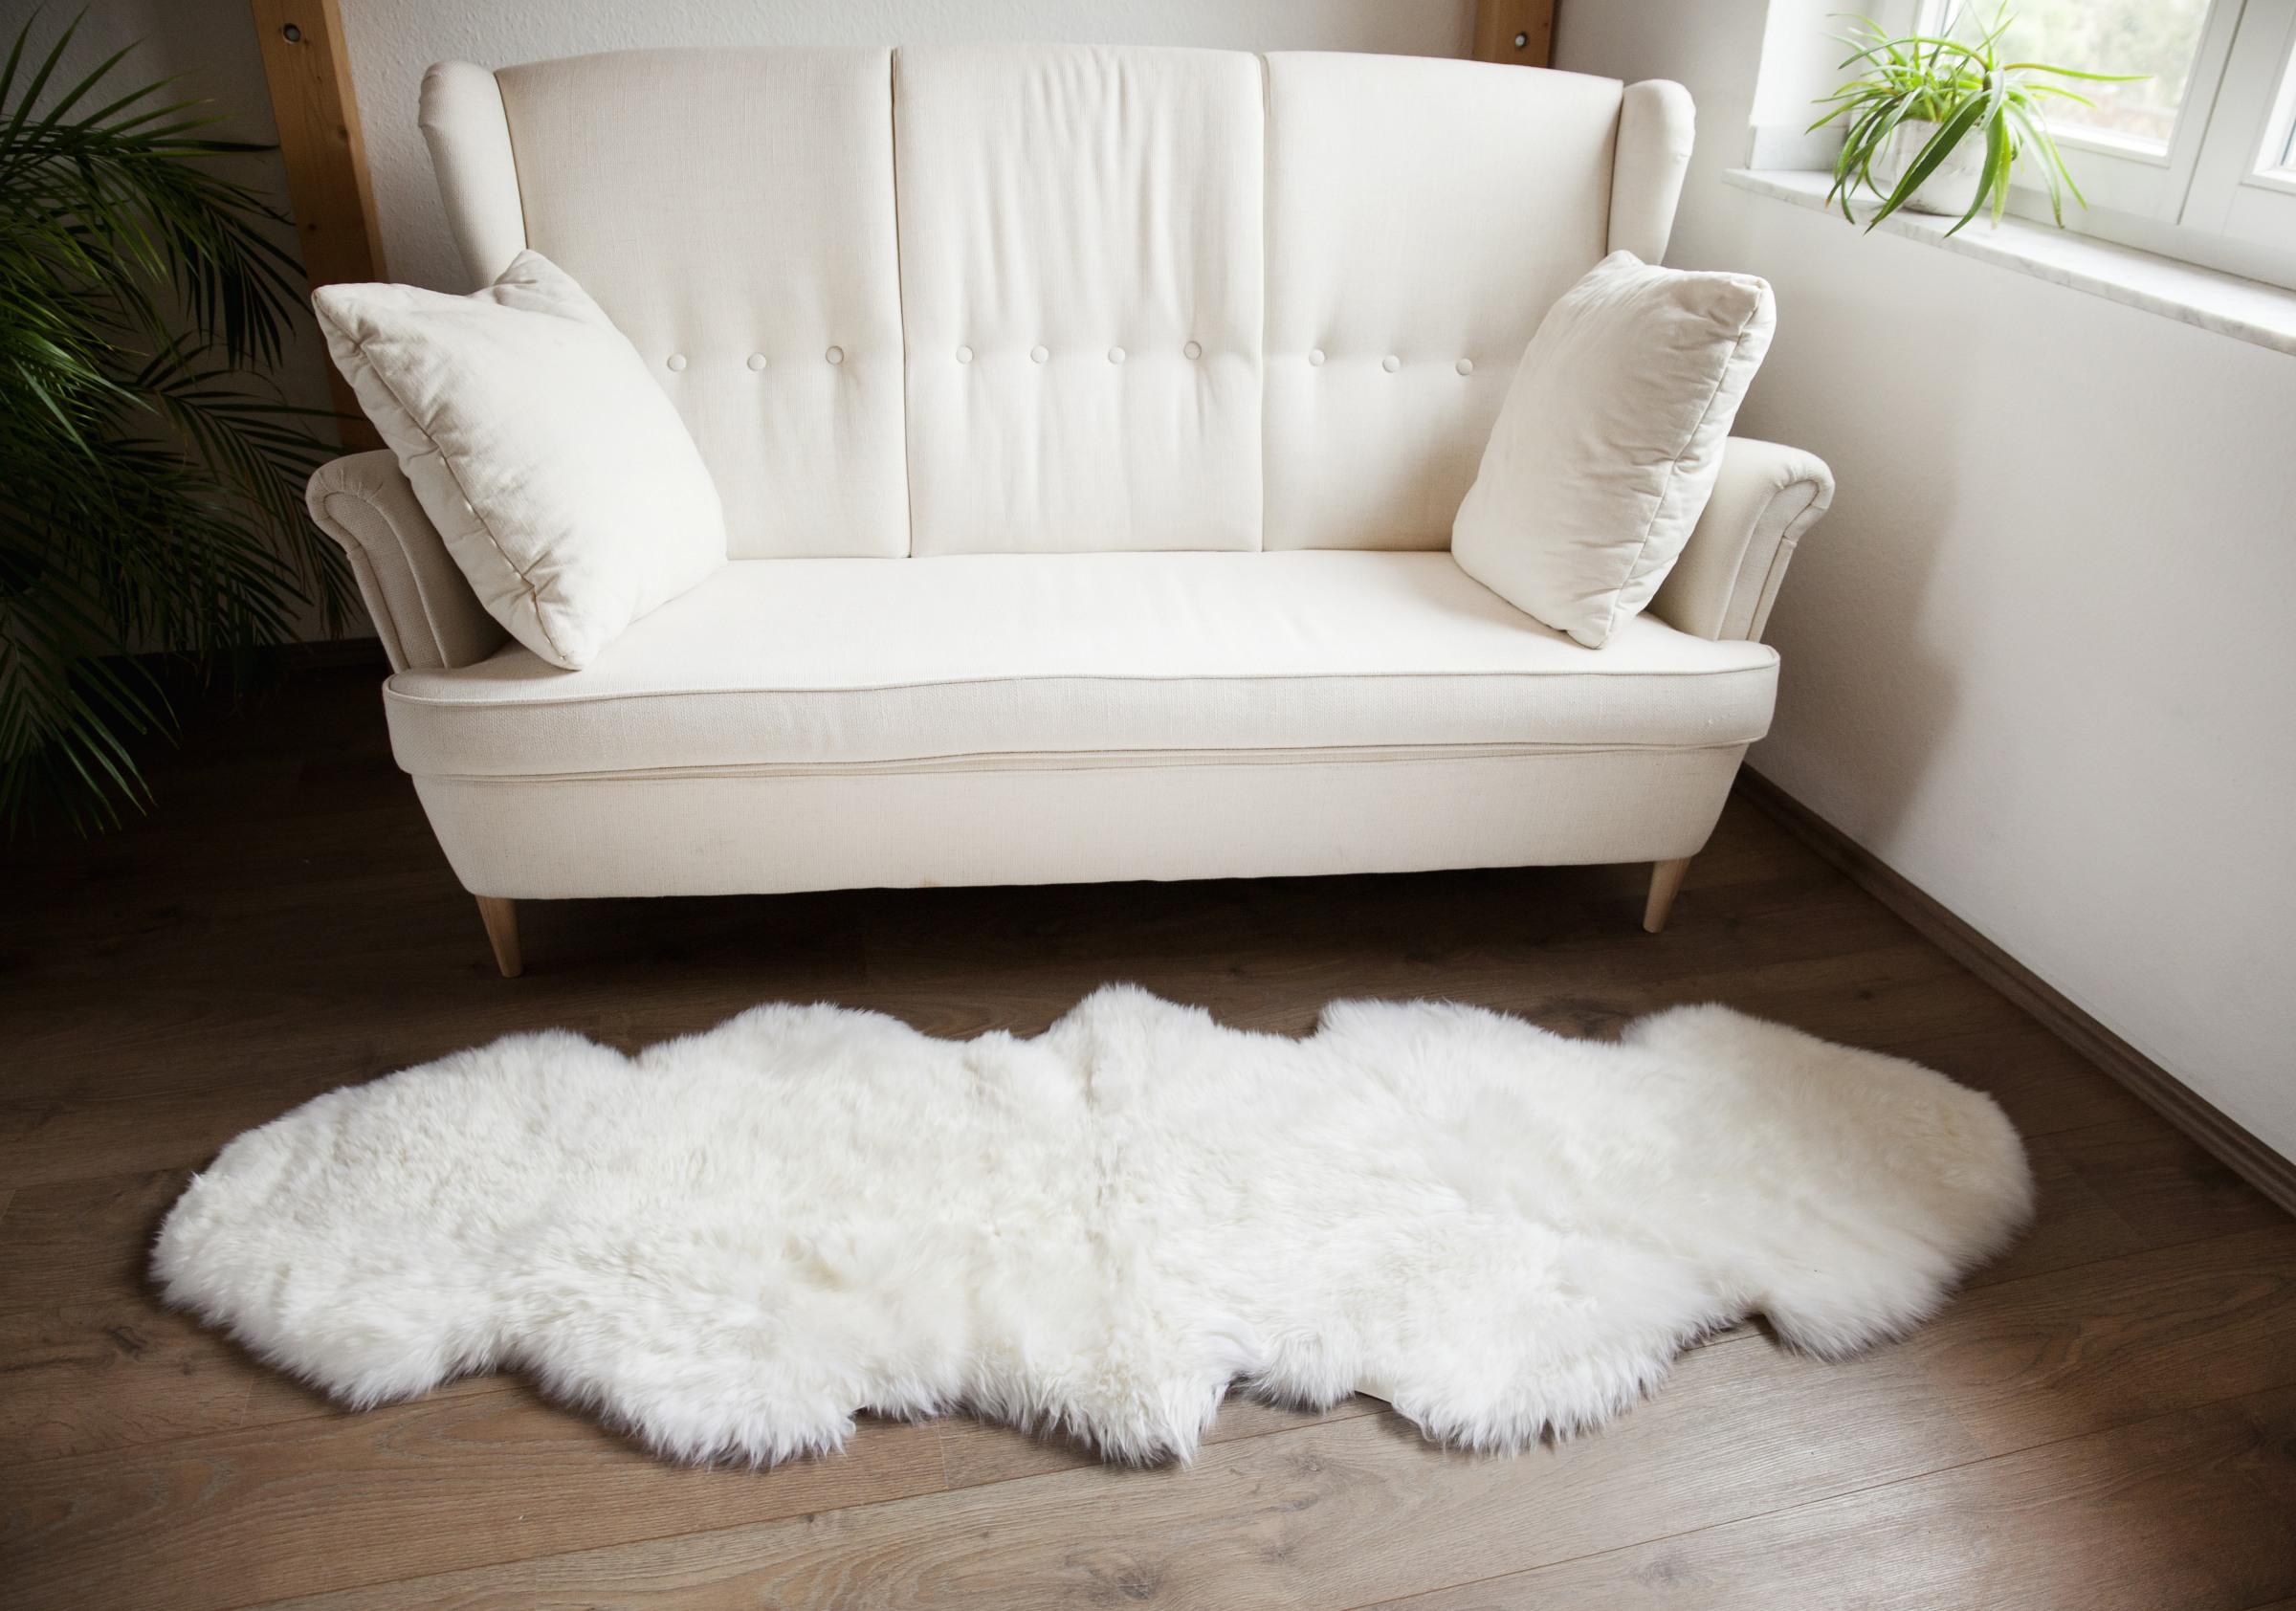 naturasan premium doppel schaffell duo aus 2 fellen wei lammfelle schaffelle felle. Black Bedroom Furniture Sets. Home Design Ideas